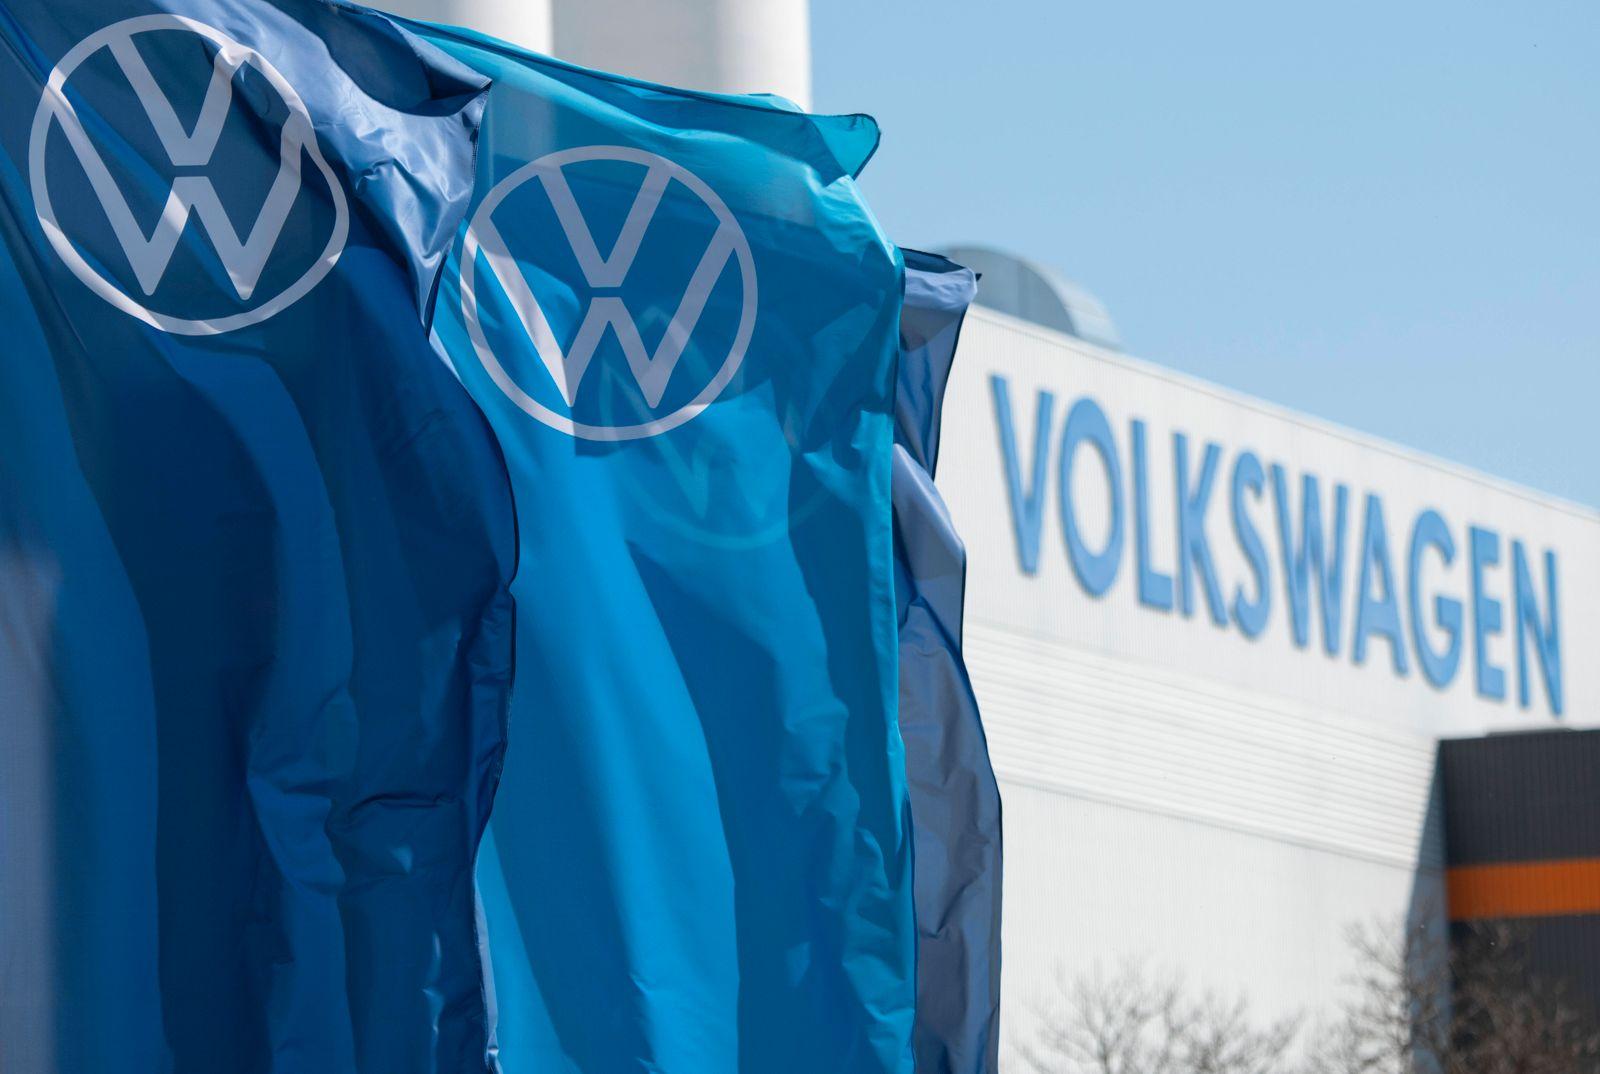 Fahnen mit dem Firmenlogo wehen vor dem Volkswagen Werk am 23.04.2020 in Mosel bei Zwickau. search: Deutschland Germany